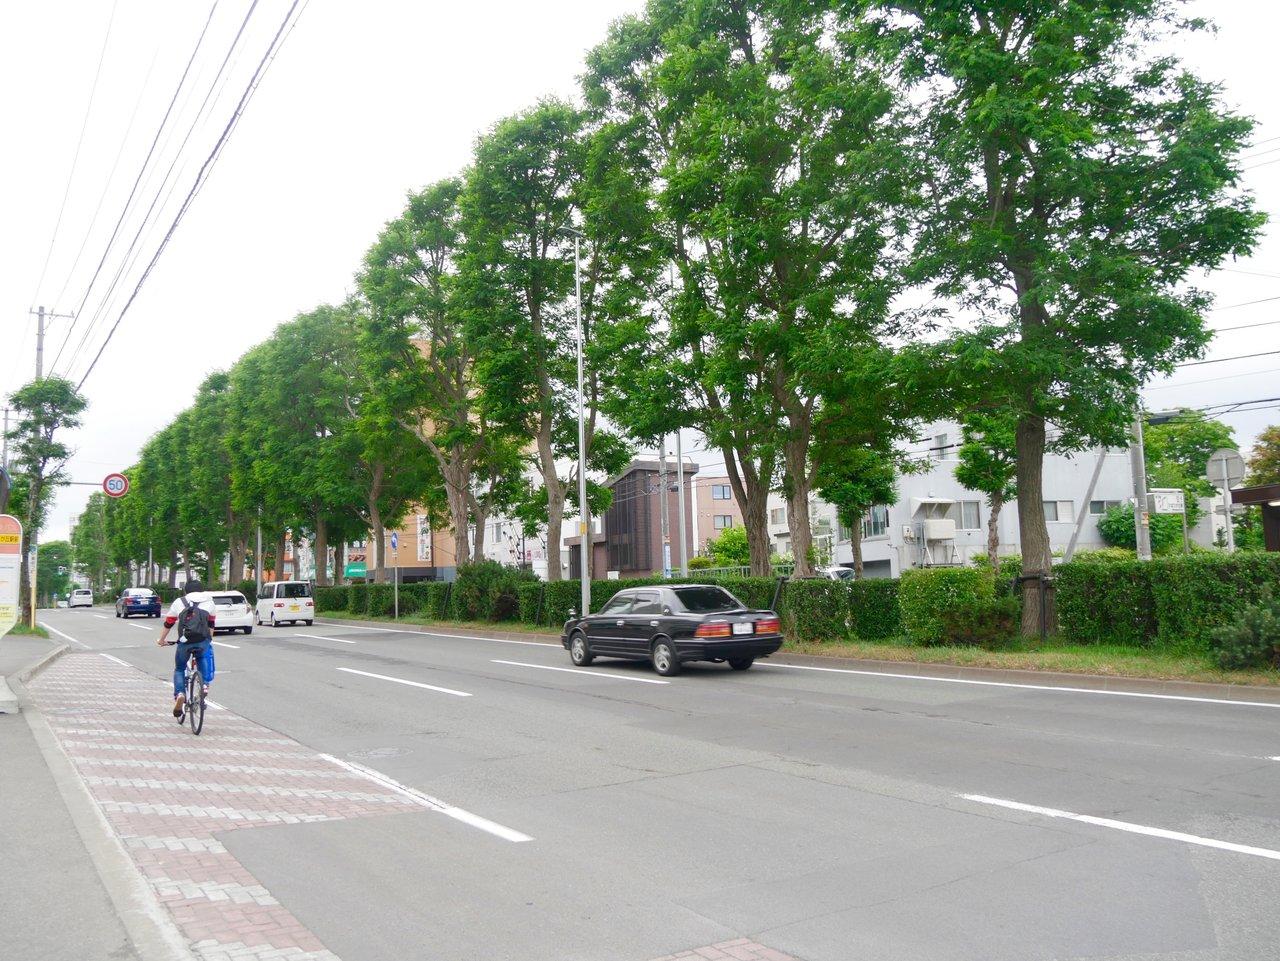 近所には並木道があって、散歩をしている人や自転車で駆け抜けていく人がたくさんいます。穏やかでのんびりとした暮らしが楽しめそうです。